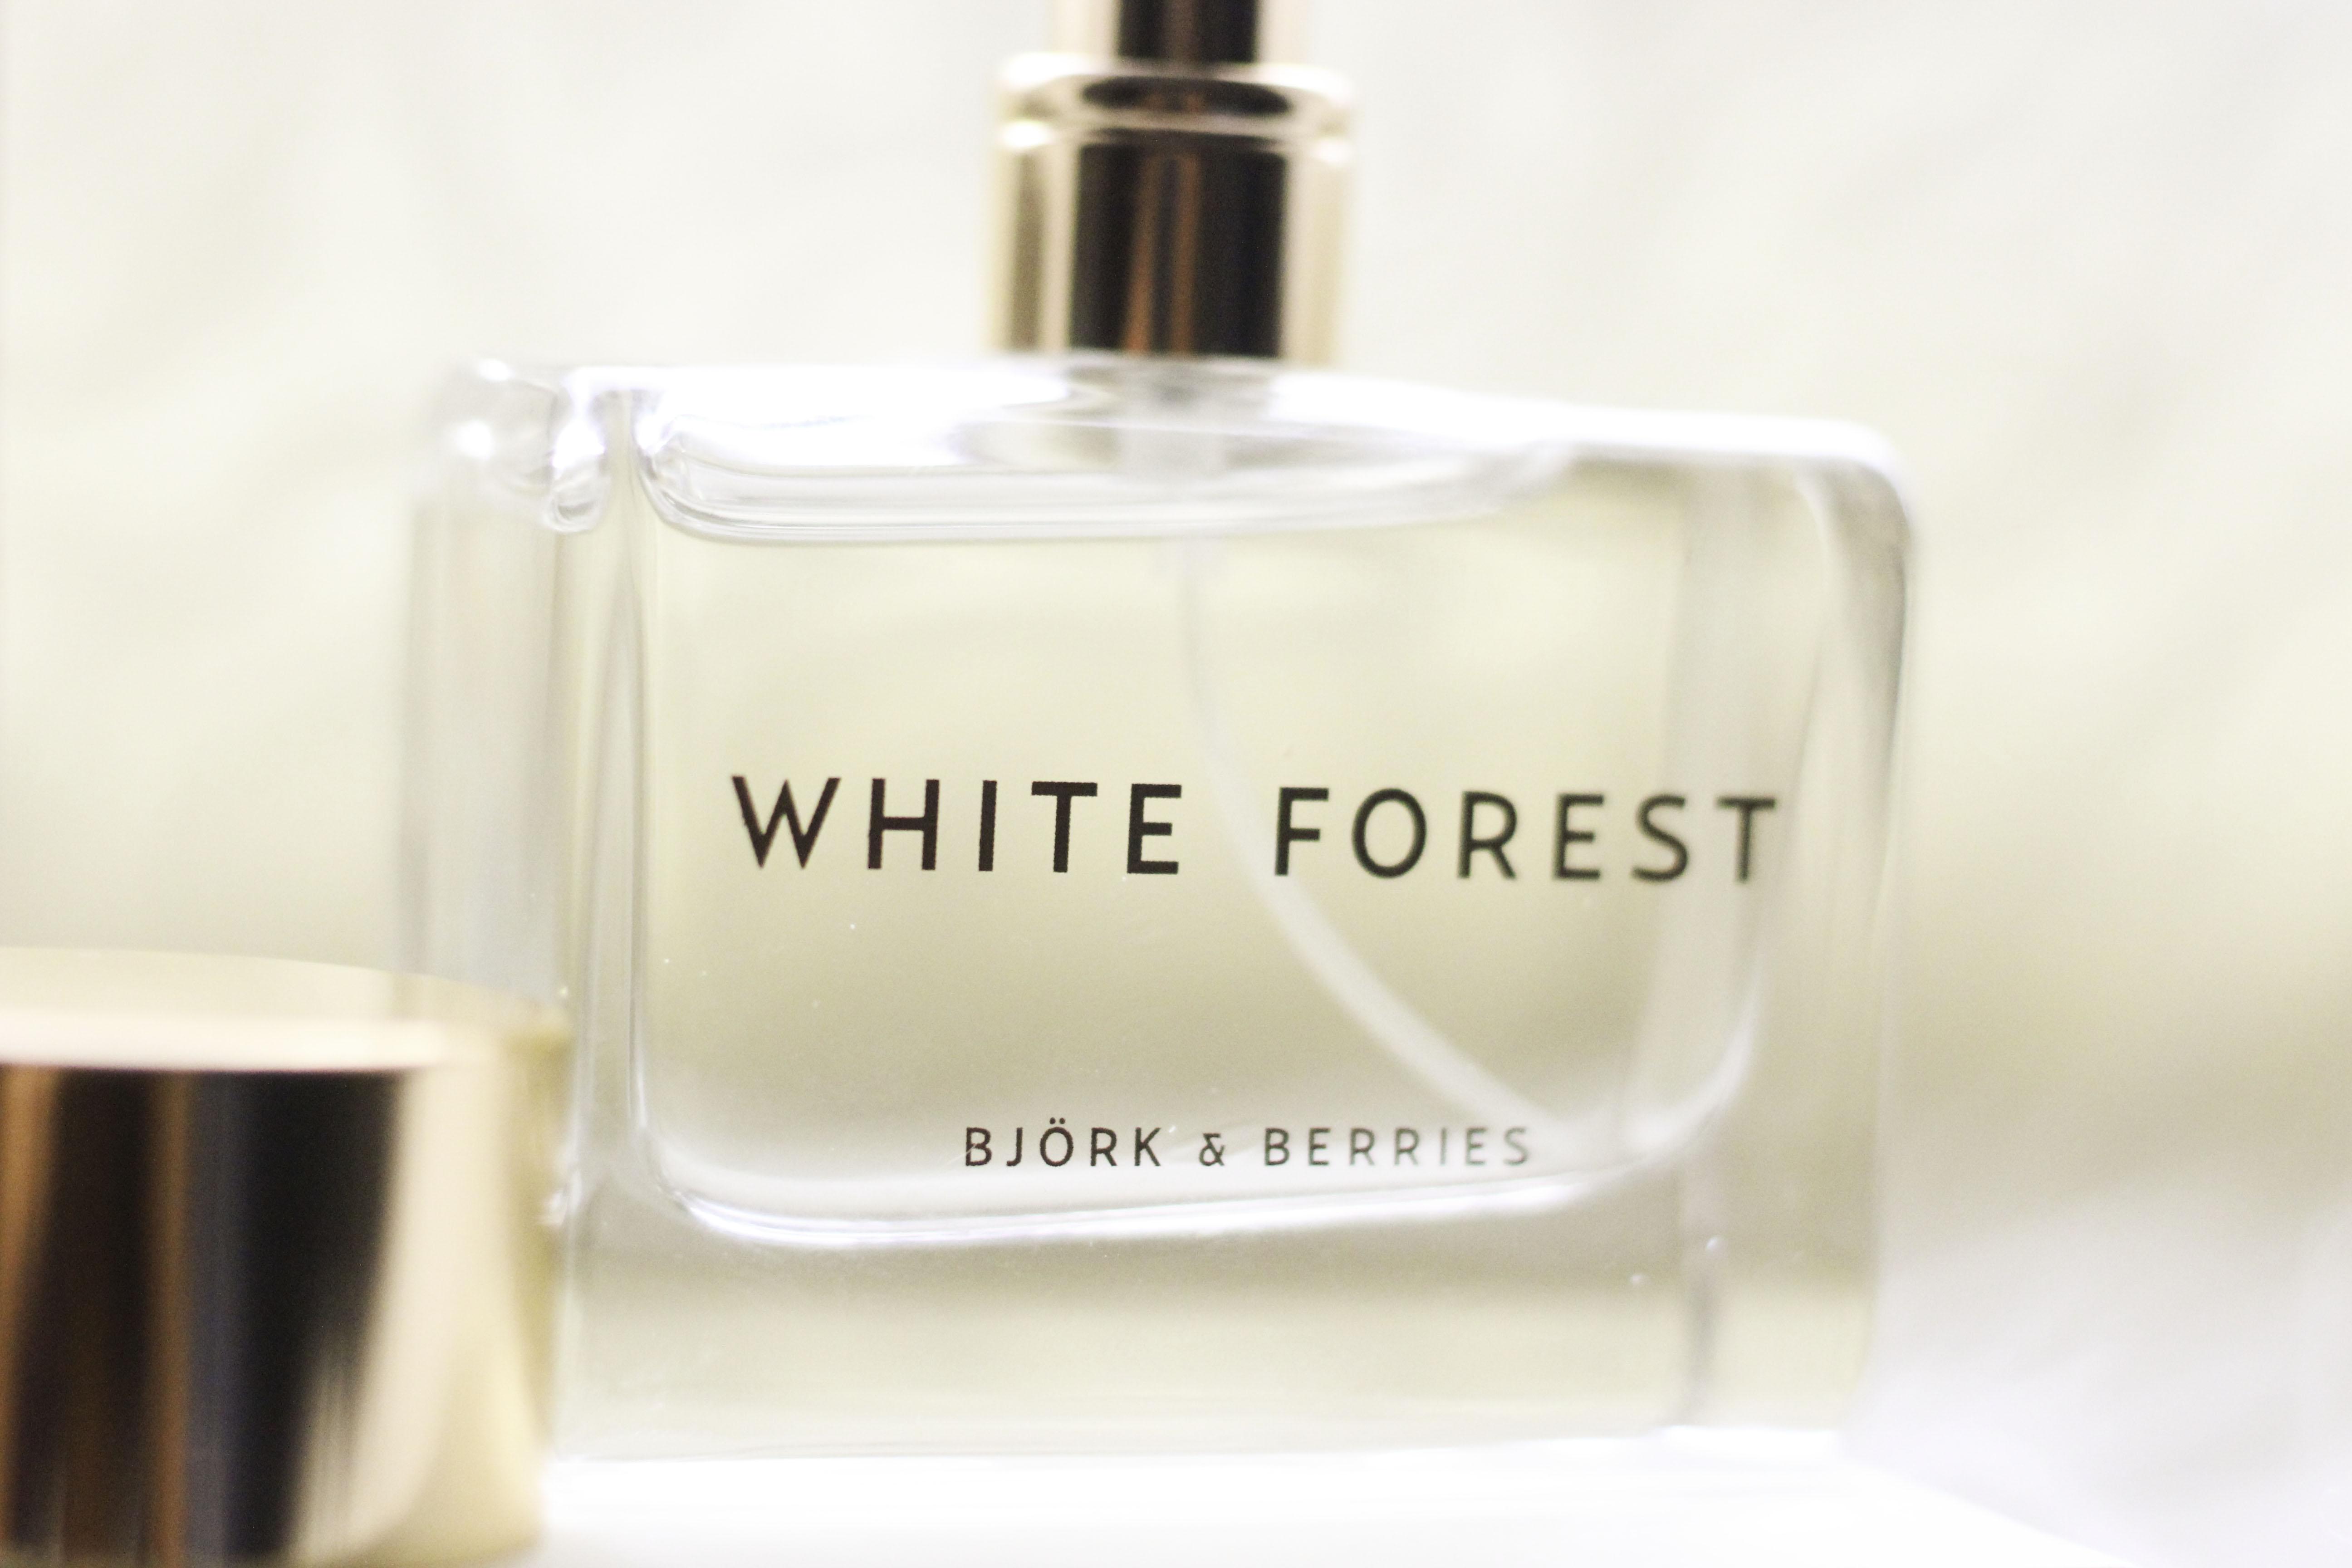 björk & berries white forest